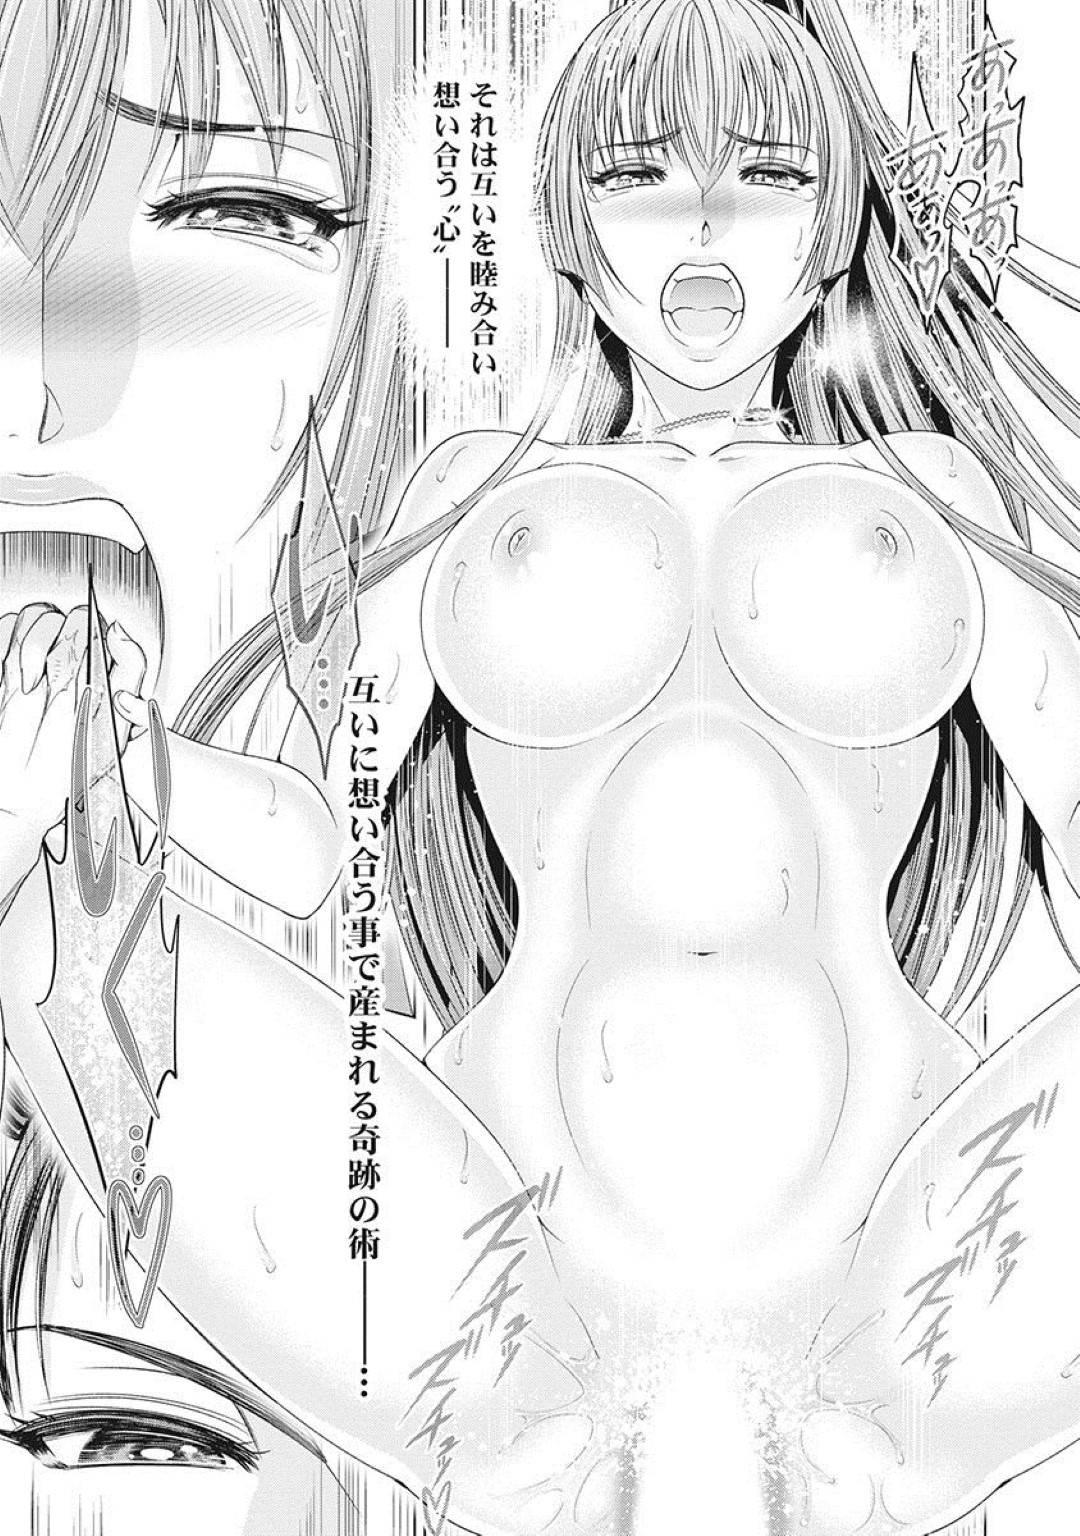 【エロ漫画】上杉の屋敷に乗り込んだ流れでセックスすることになった歩き巫女の九尾。彼女は彼と求め合うように様々な体位でピストンしまくる。